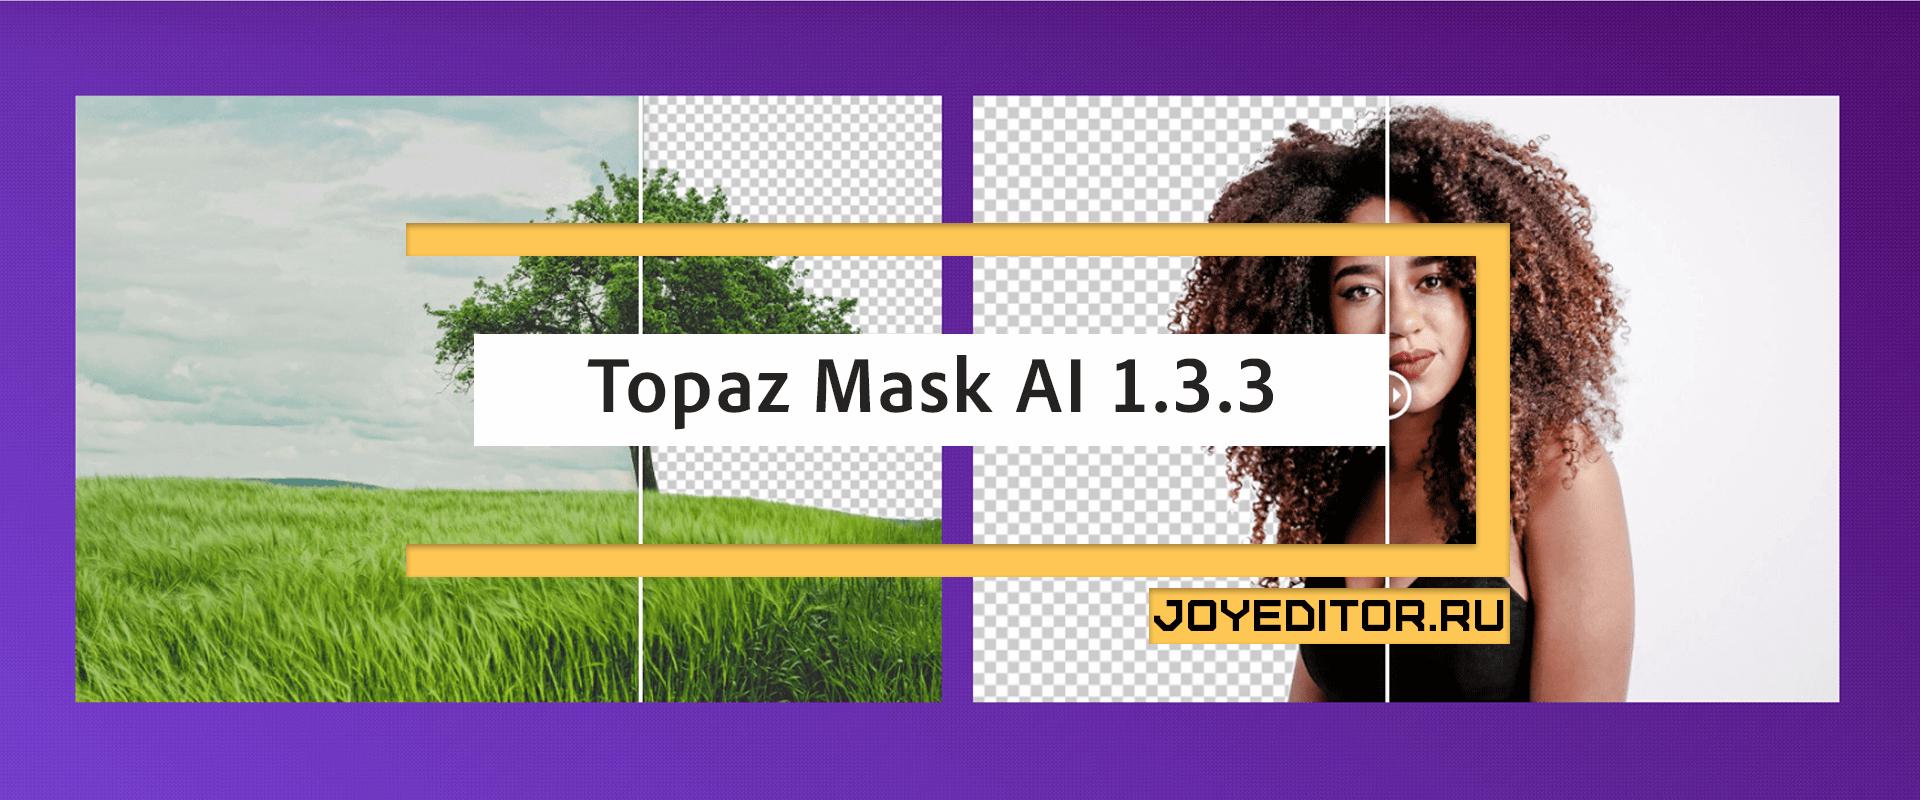 Topaz Mask AI 1.3.3